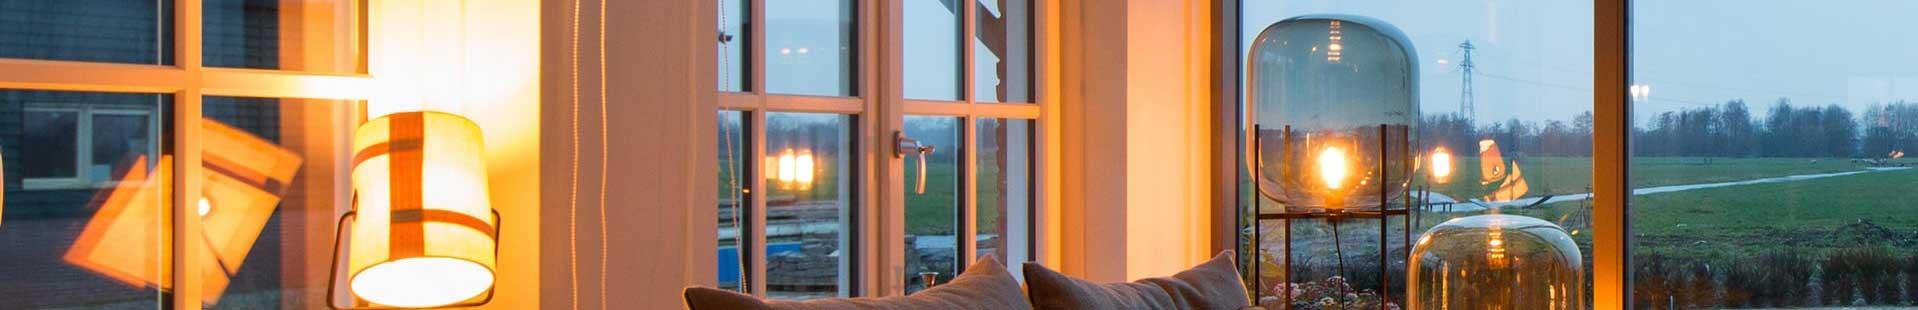 ventanas de pvc o aluminio,la calidad y calided que te pueden proporcionar unas ventanas como las nuestras